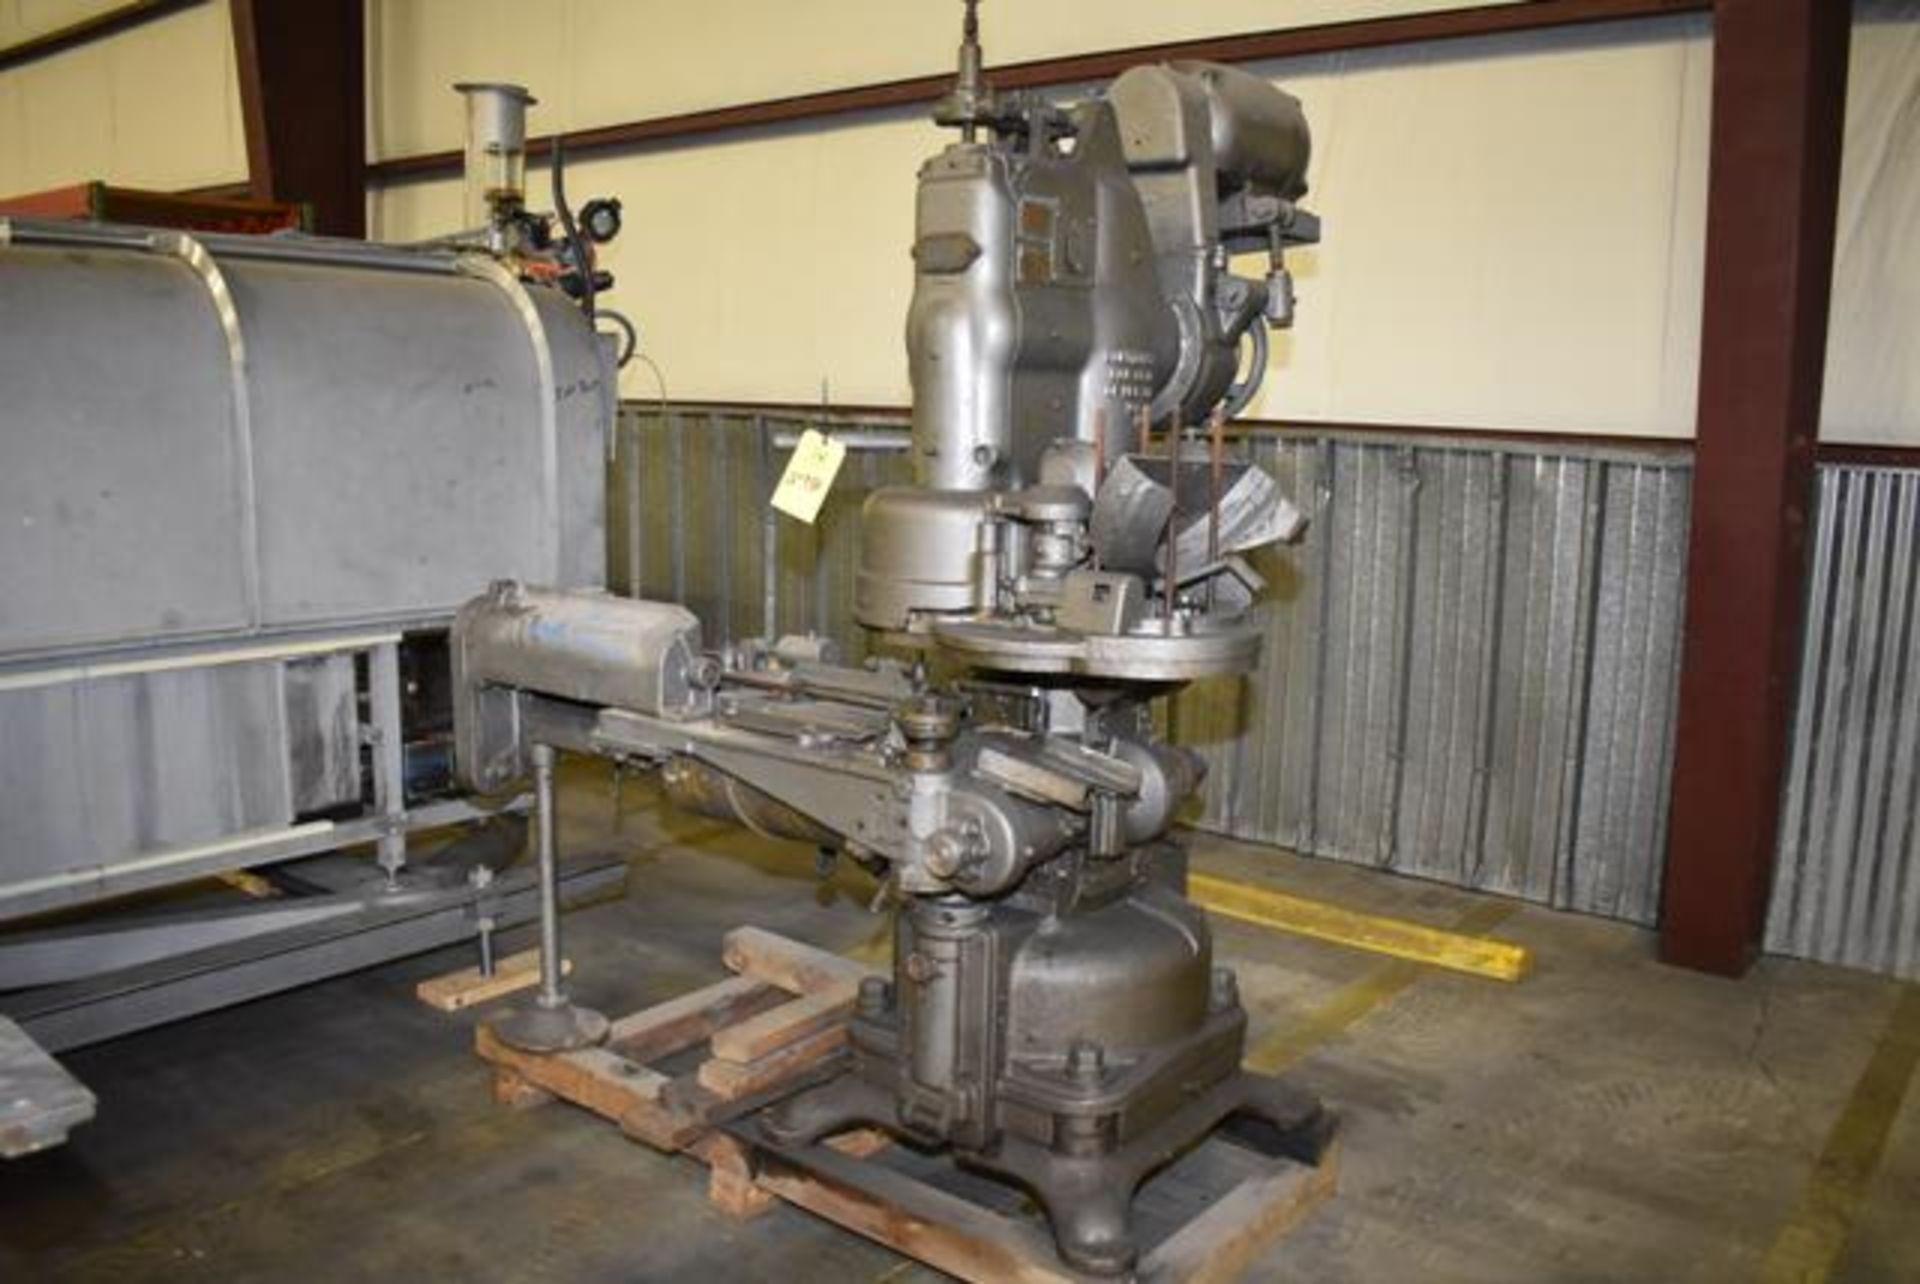 Lot 278 - Panama Closing Machine, Size 603 x 700, Loading Fee: $250